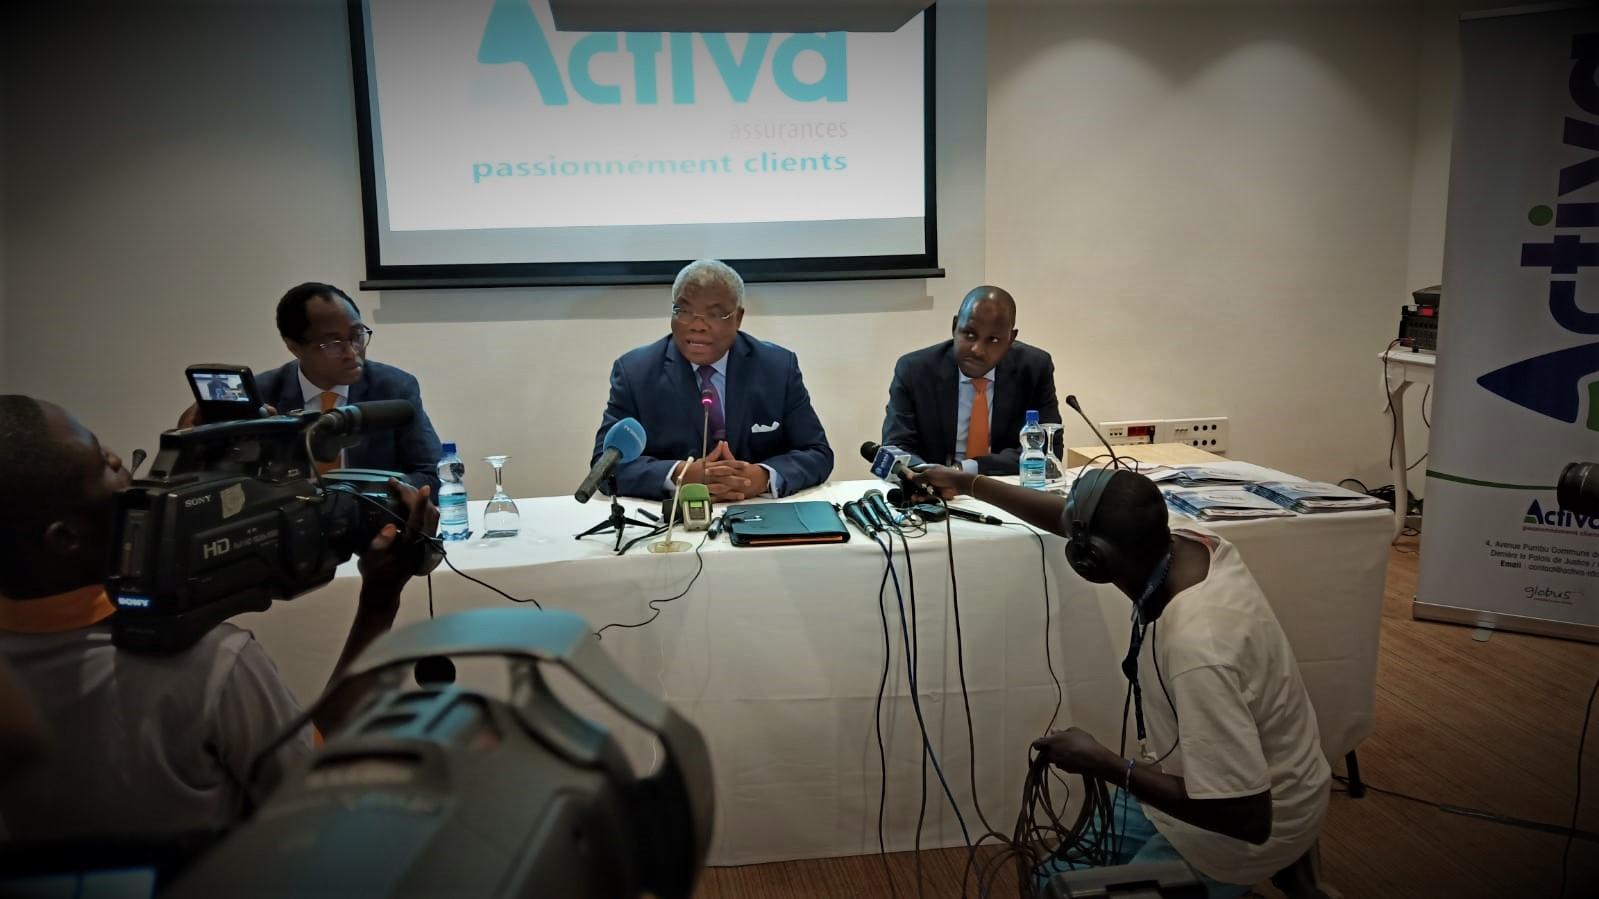 RDC: Activa assurances, un ancrage local au triple plan 1